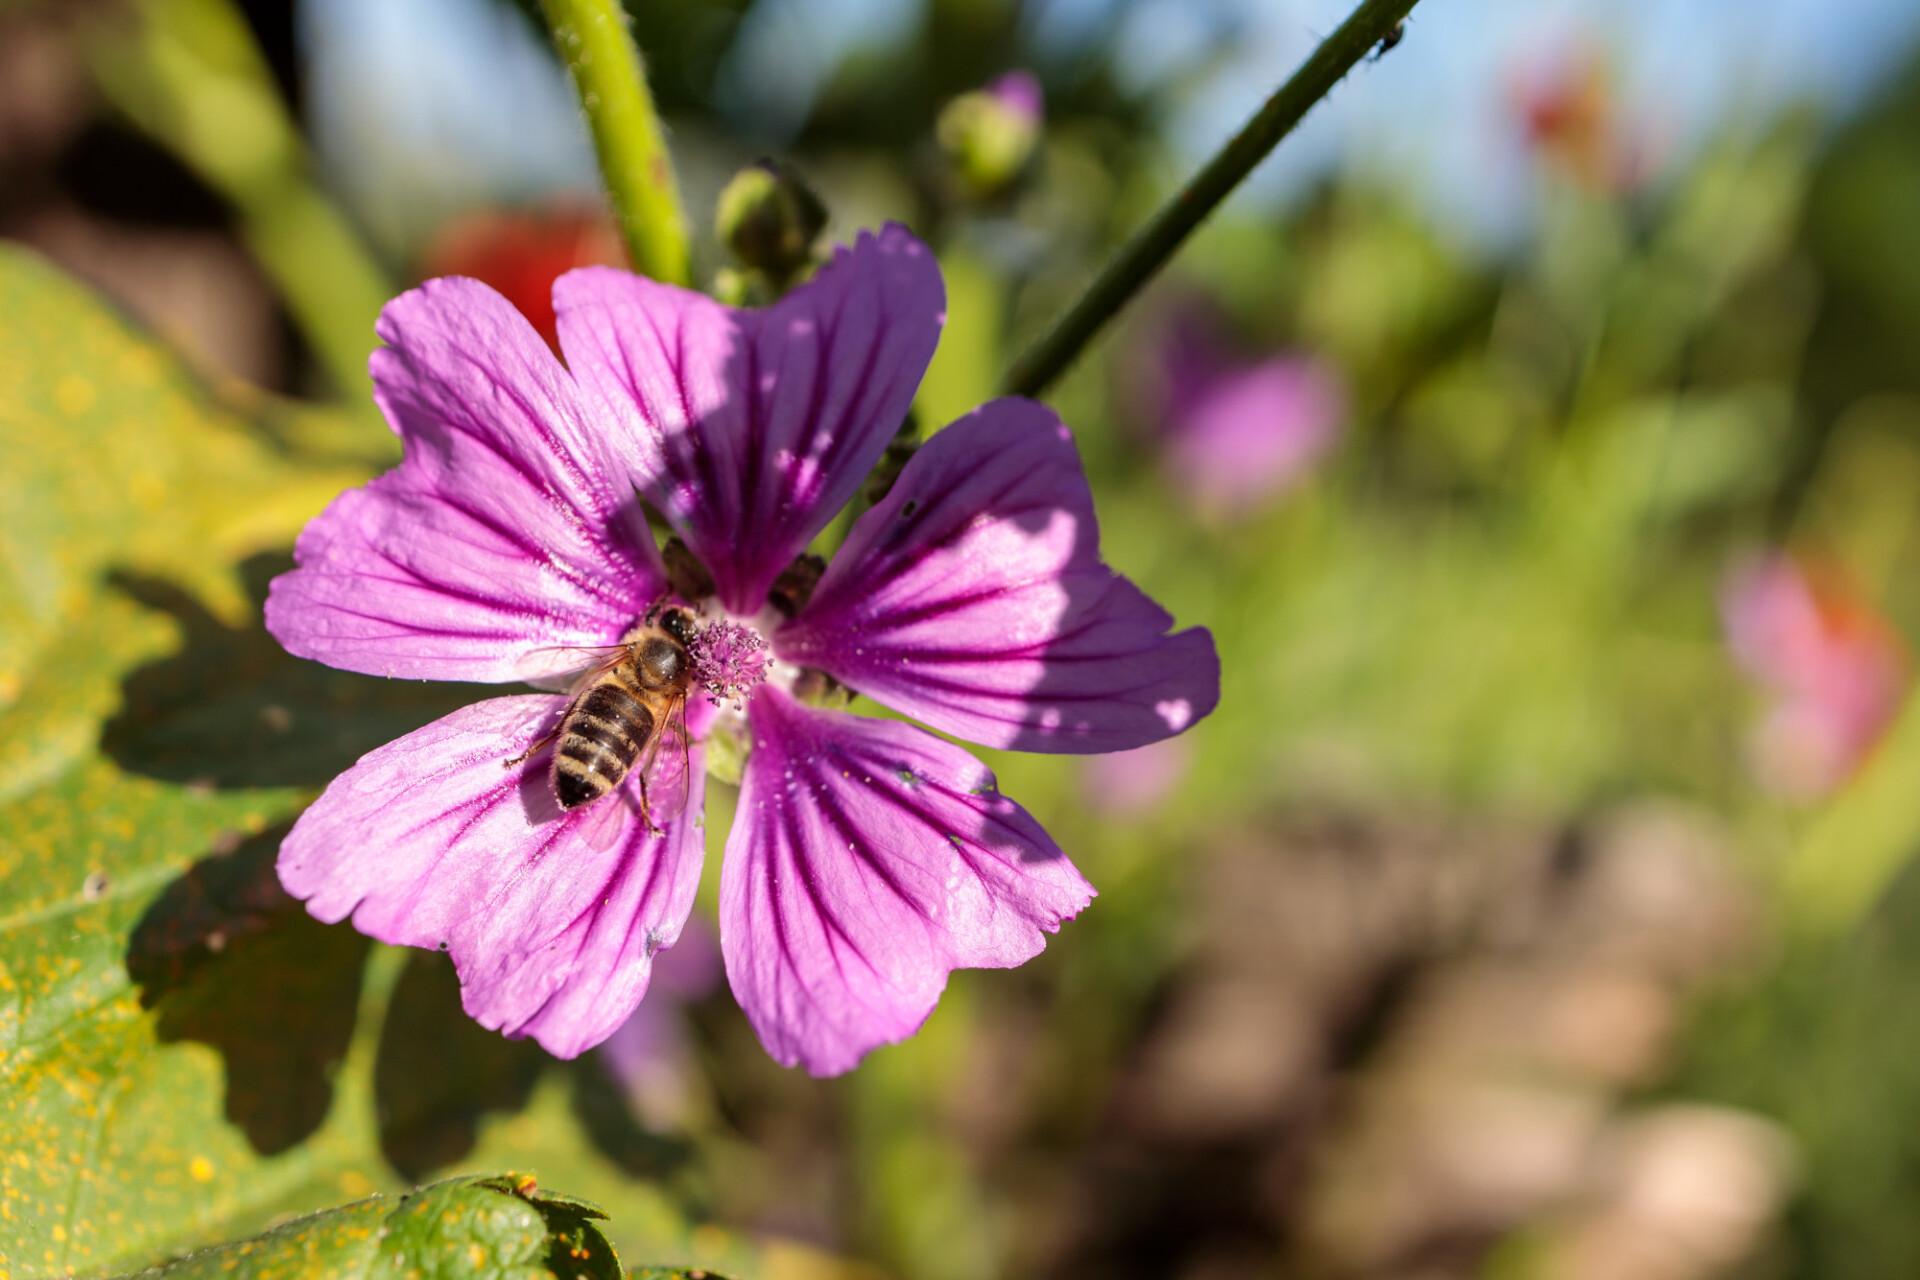 Honeybee on Dwarf mallow flower